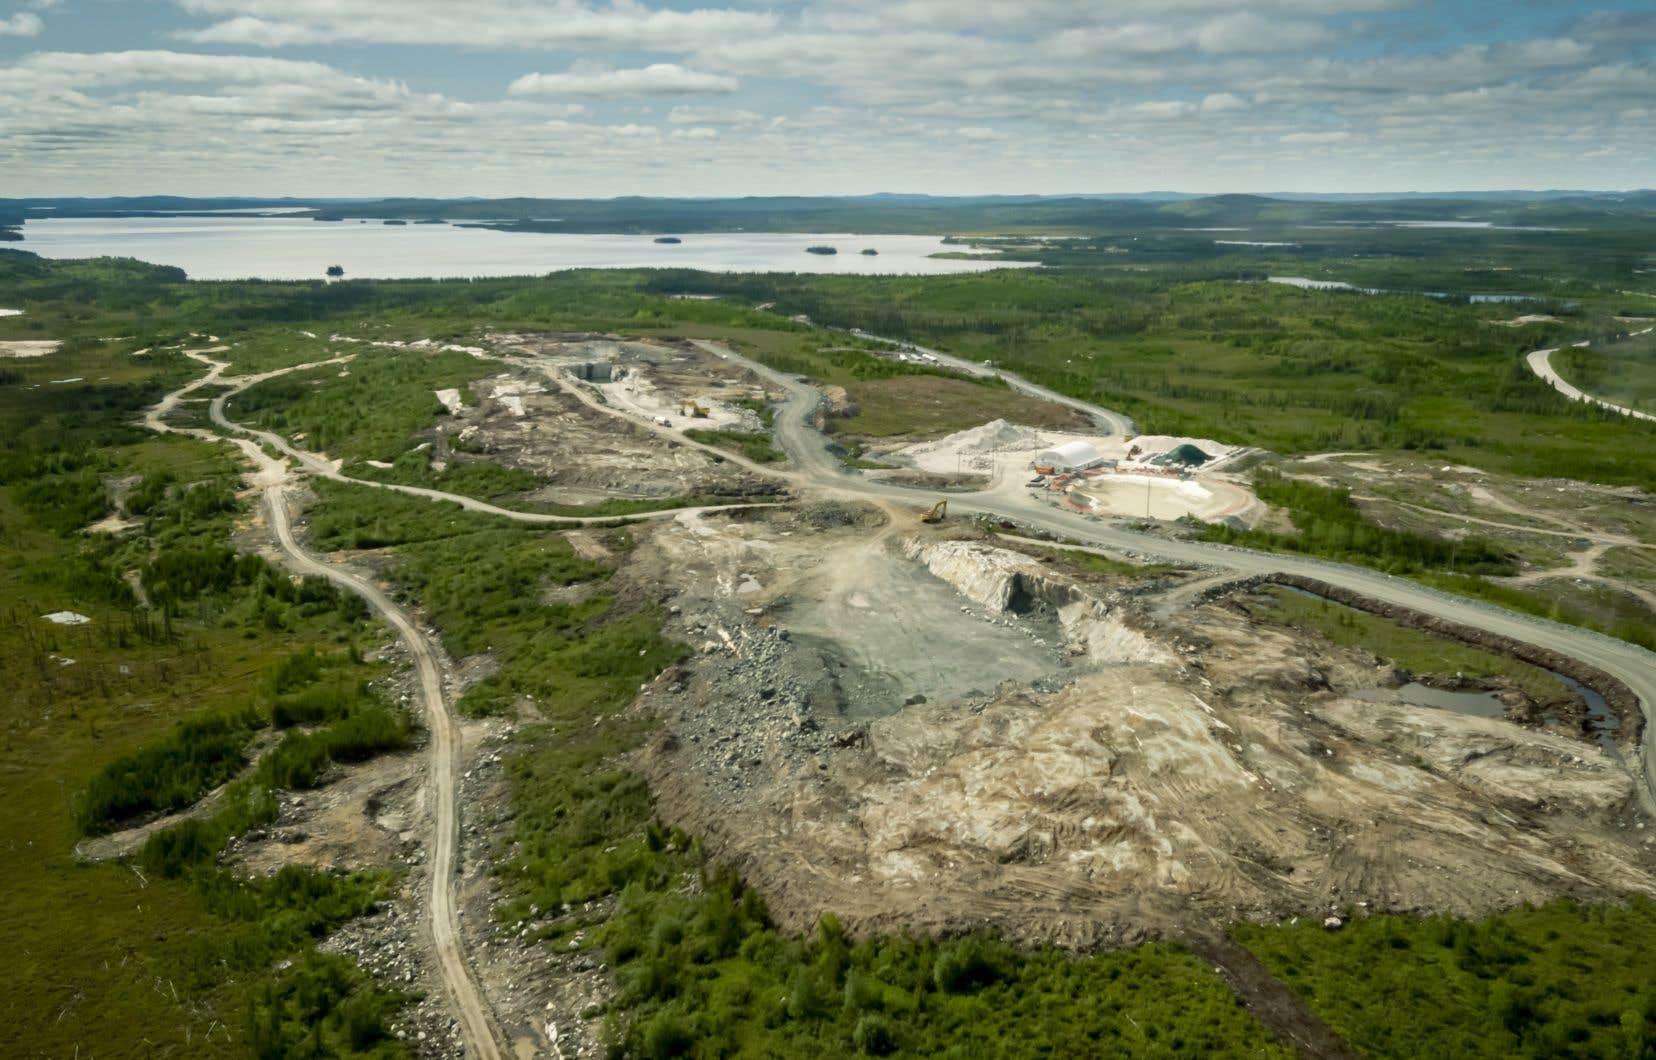 Le projet de mine et d'usine de transformation de lithium North American Lithium a été aux prises avec d'importants dépassements de coûts.